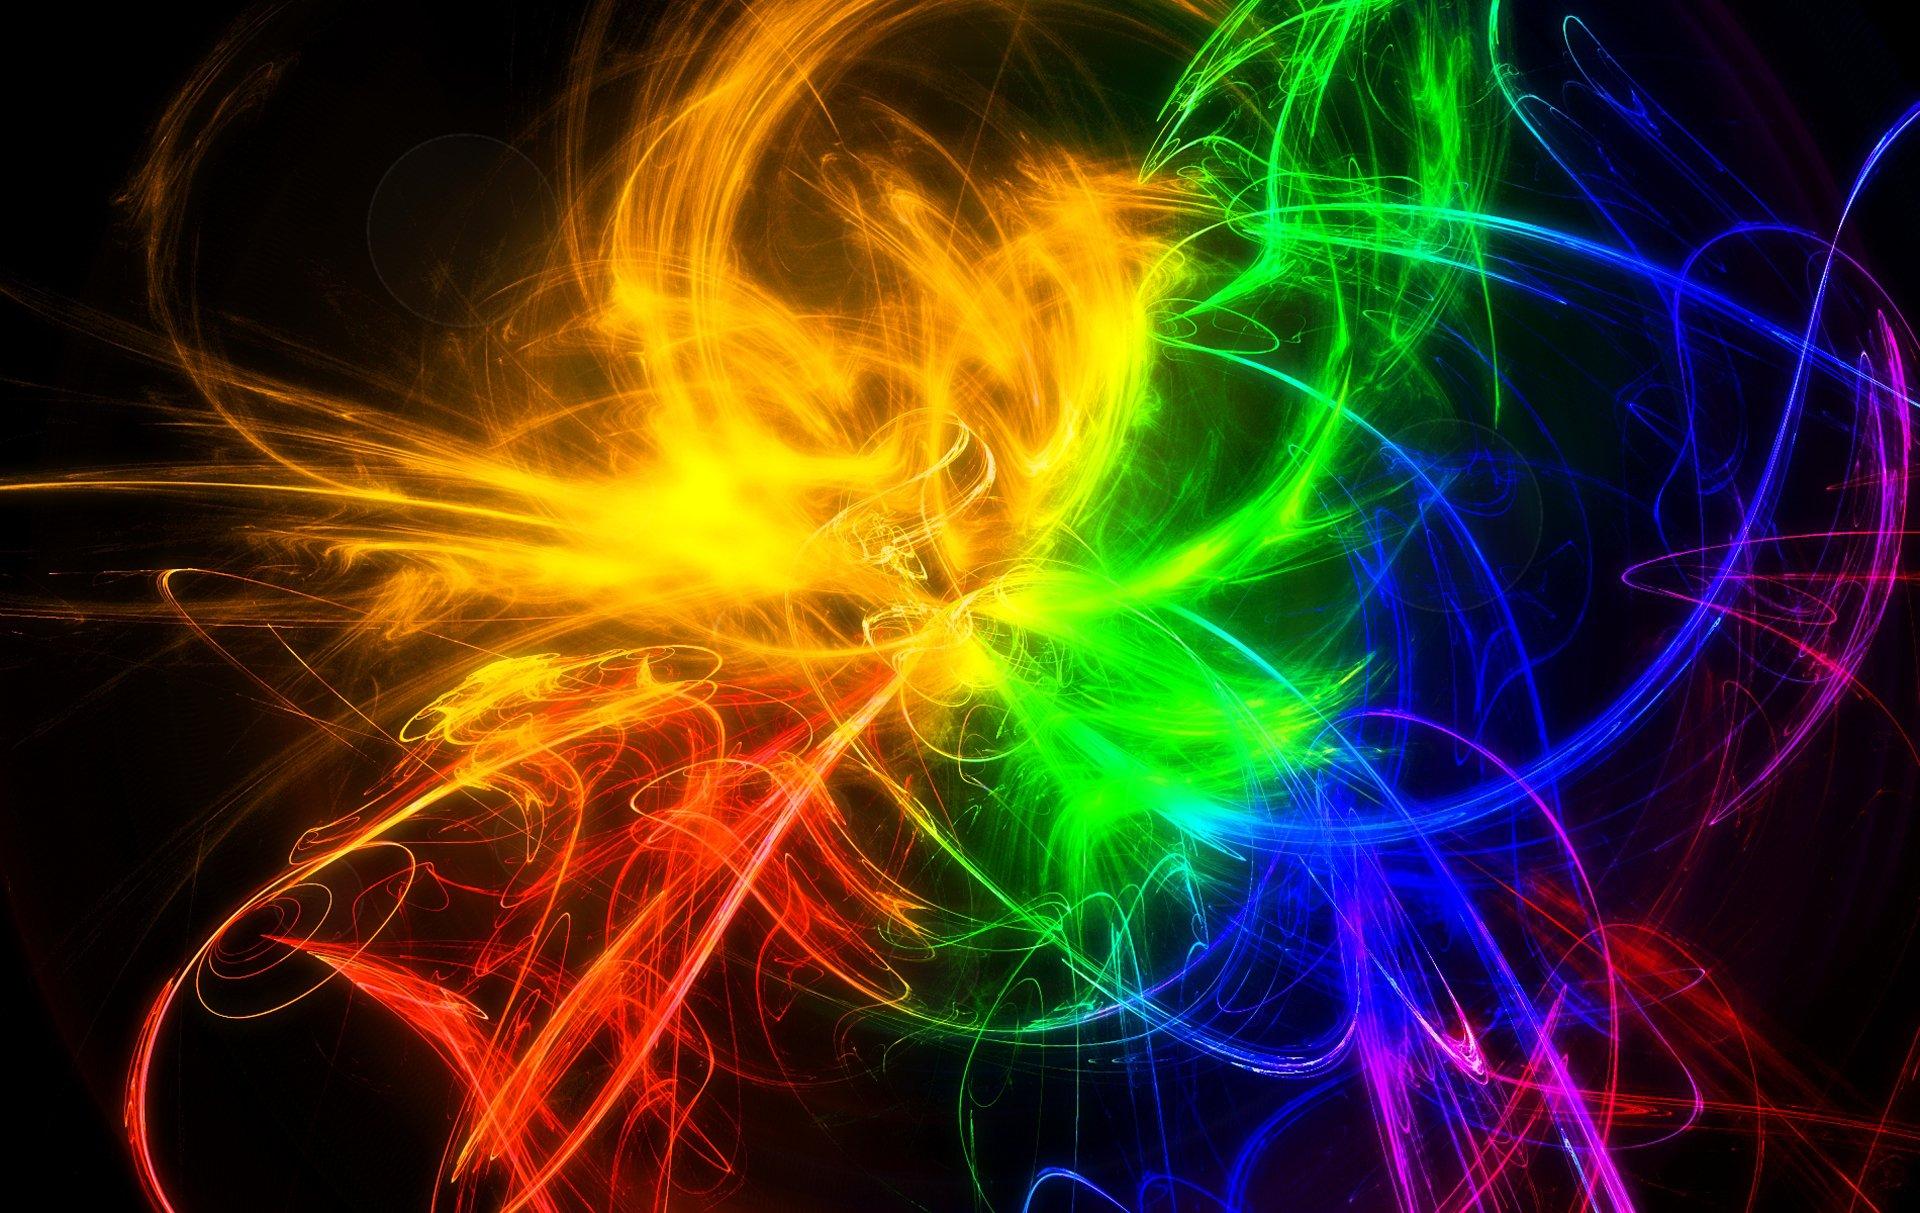 Картинки разноцветного на черном